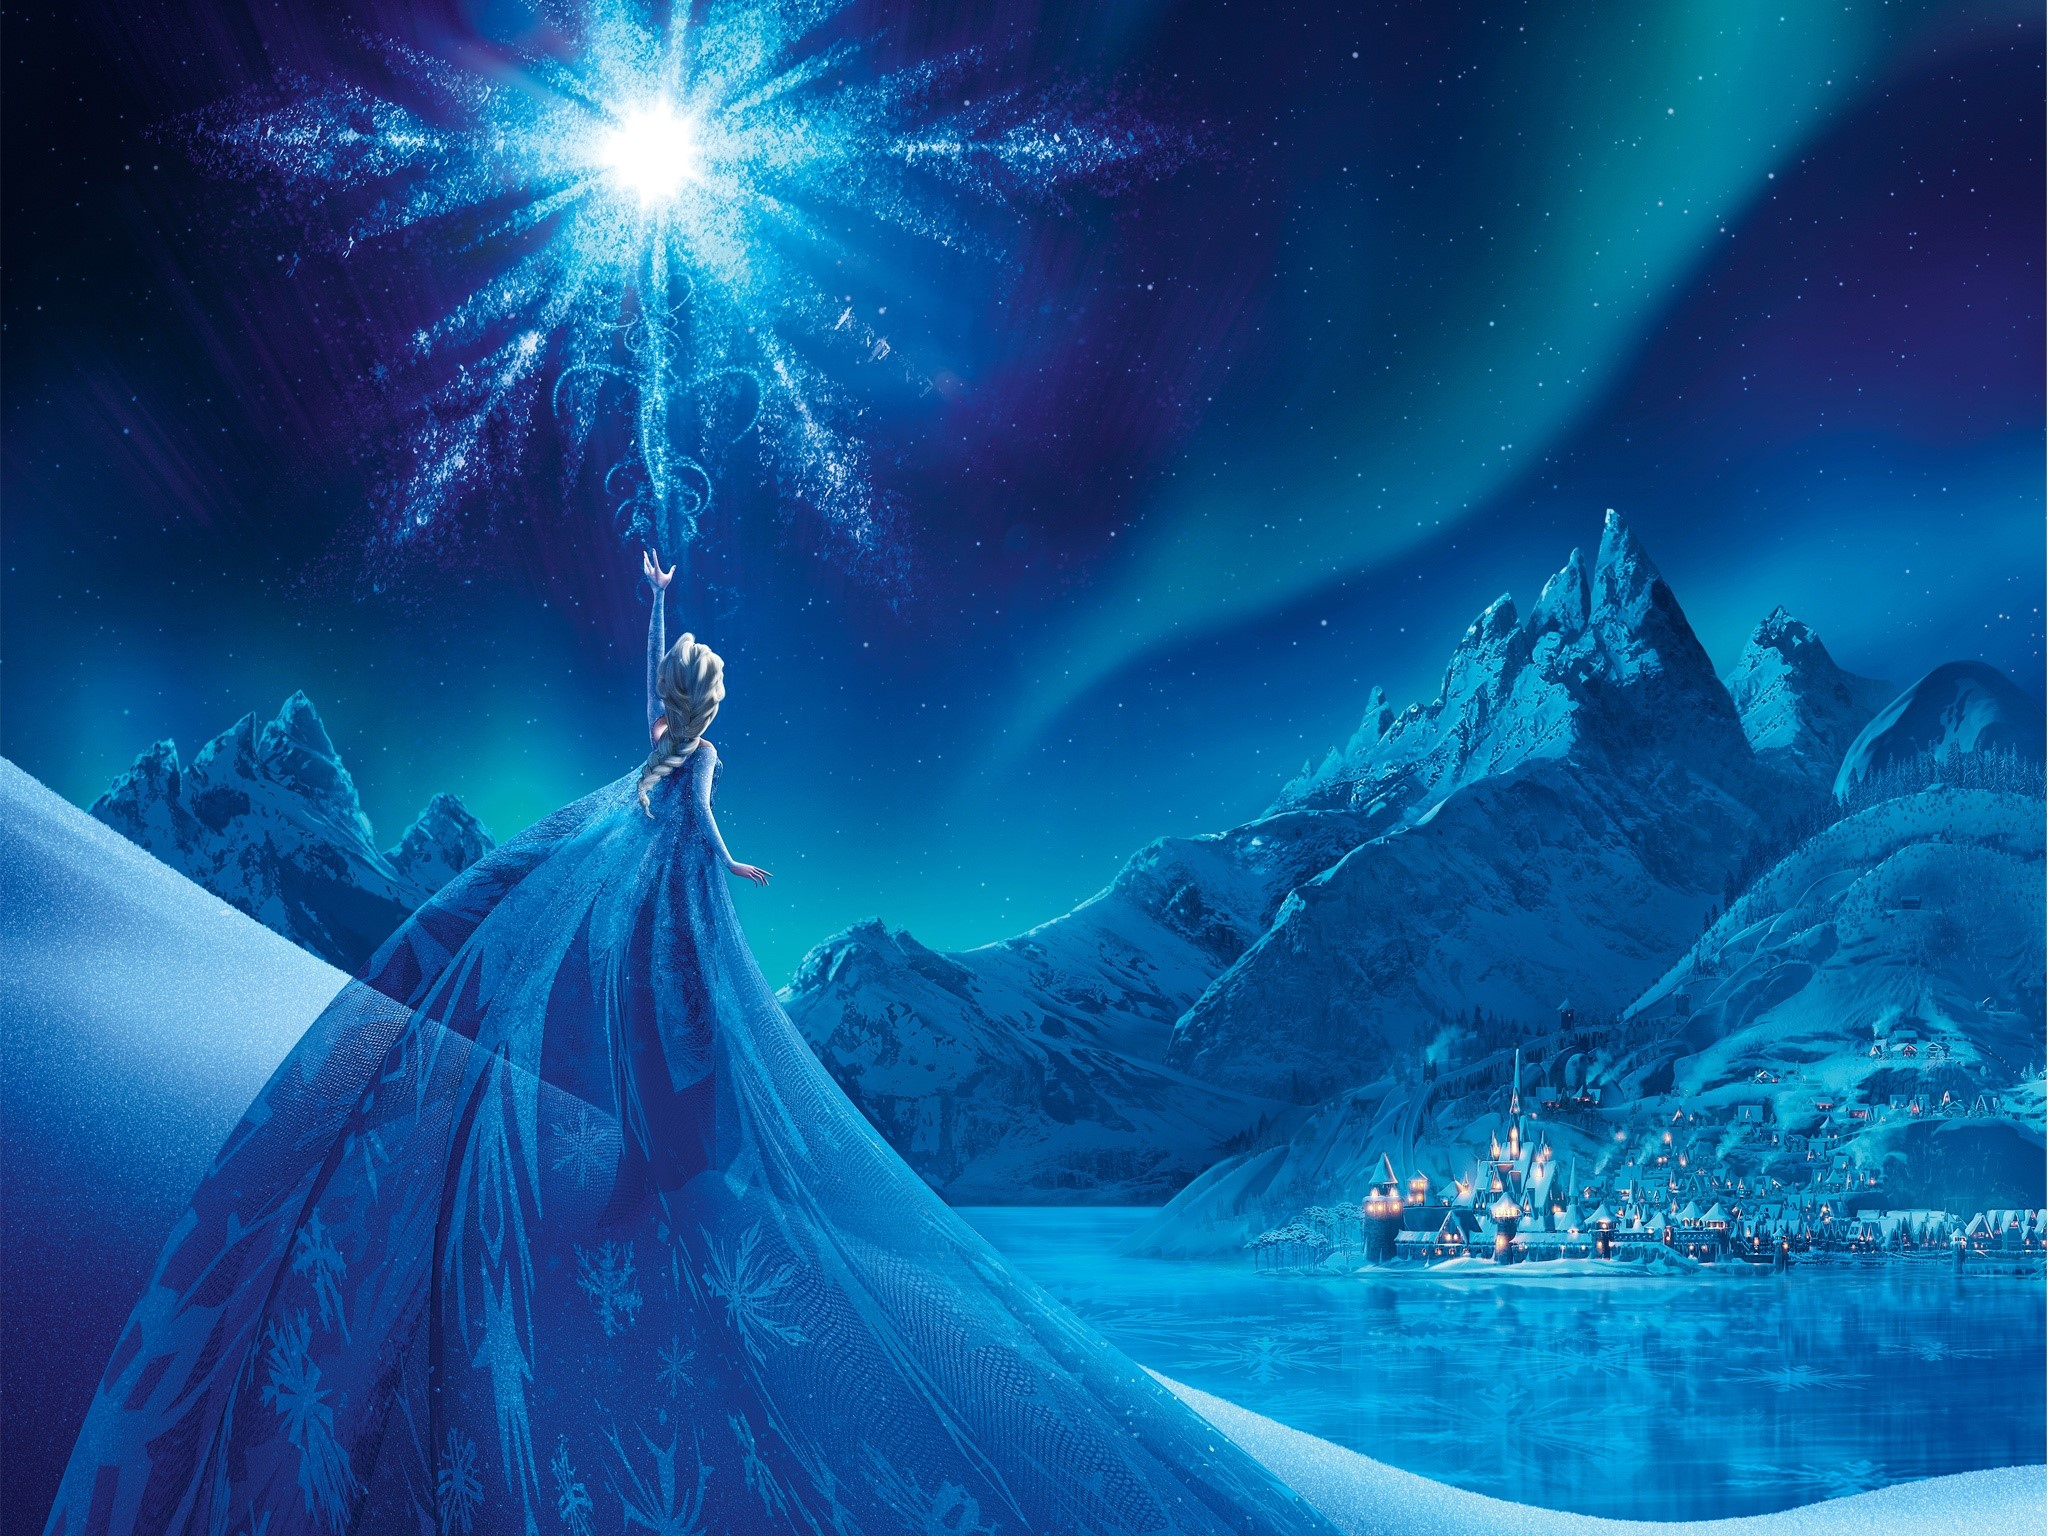 Wallpaper Elsa Queen of ice